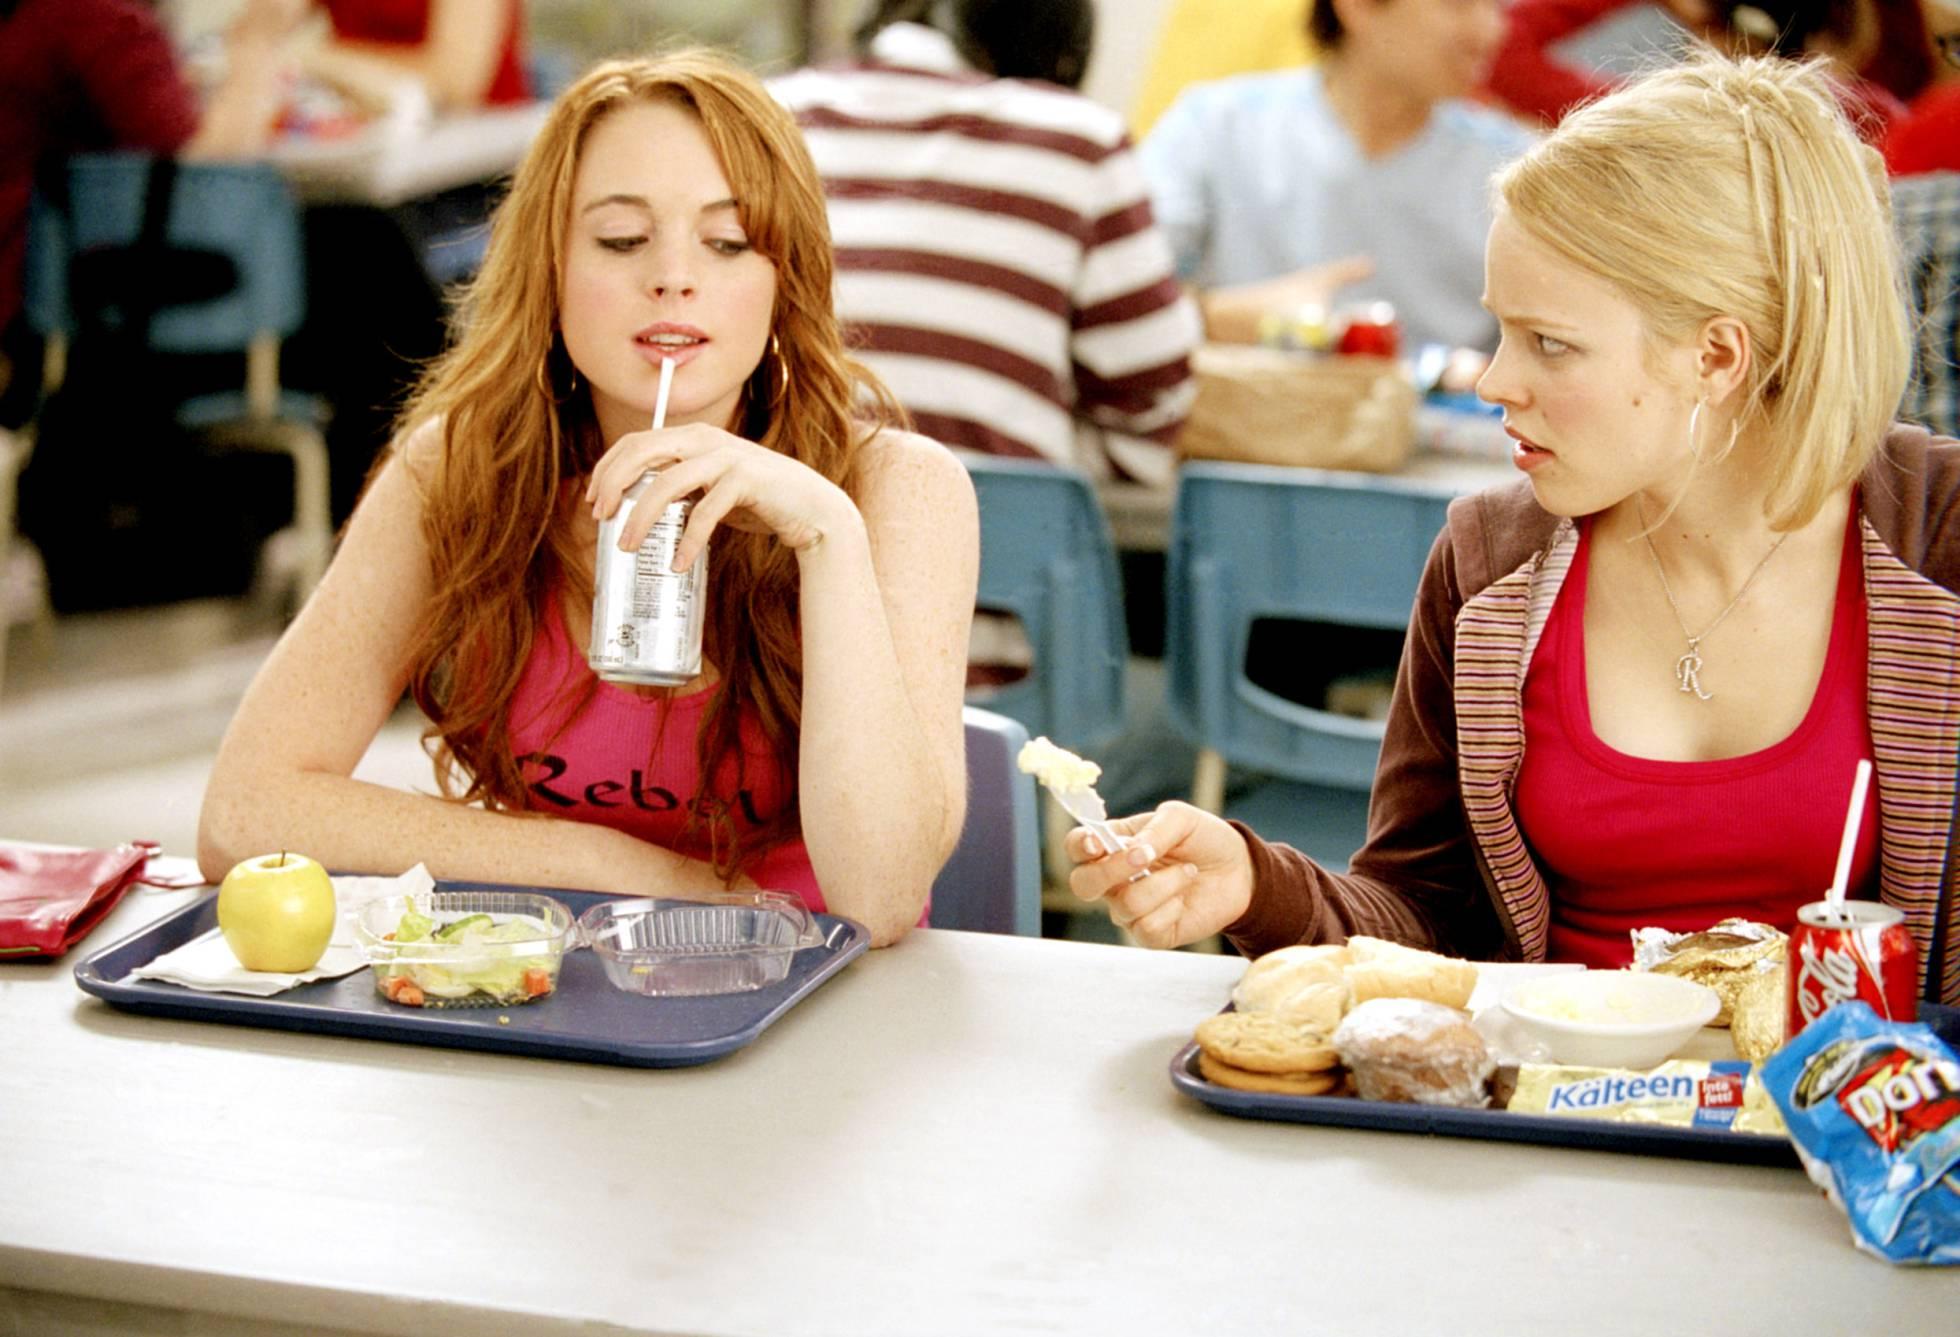 Non é máis axeitado para unha gran rivalidade que un instituto, Como Lindsay Lohan e Rachel McAdams demostraron en 'Bad Girls'.'Chicas malas'.